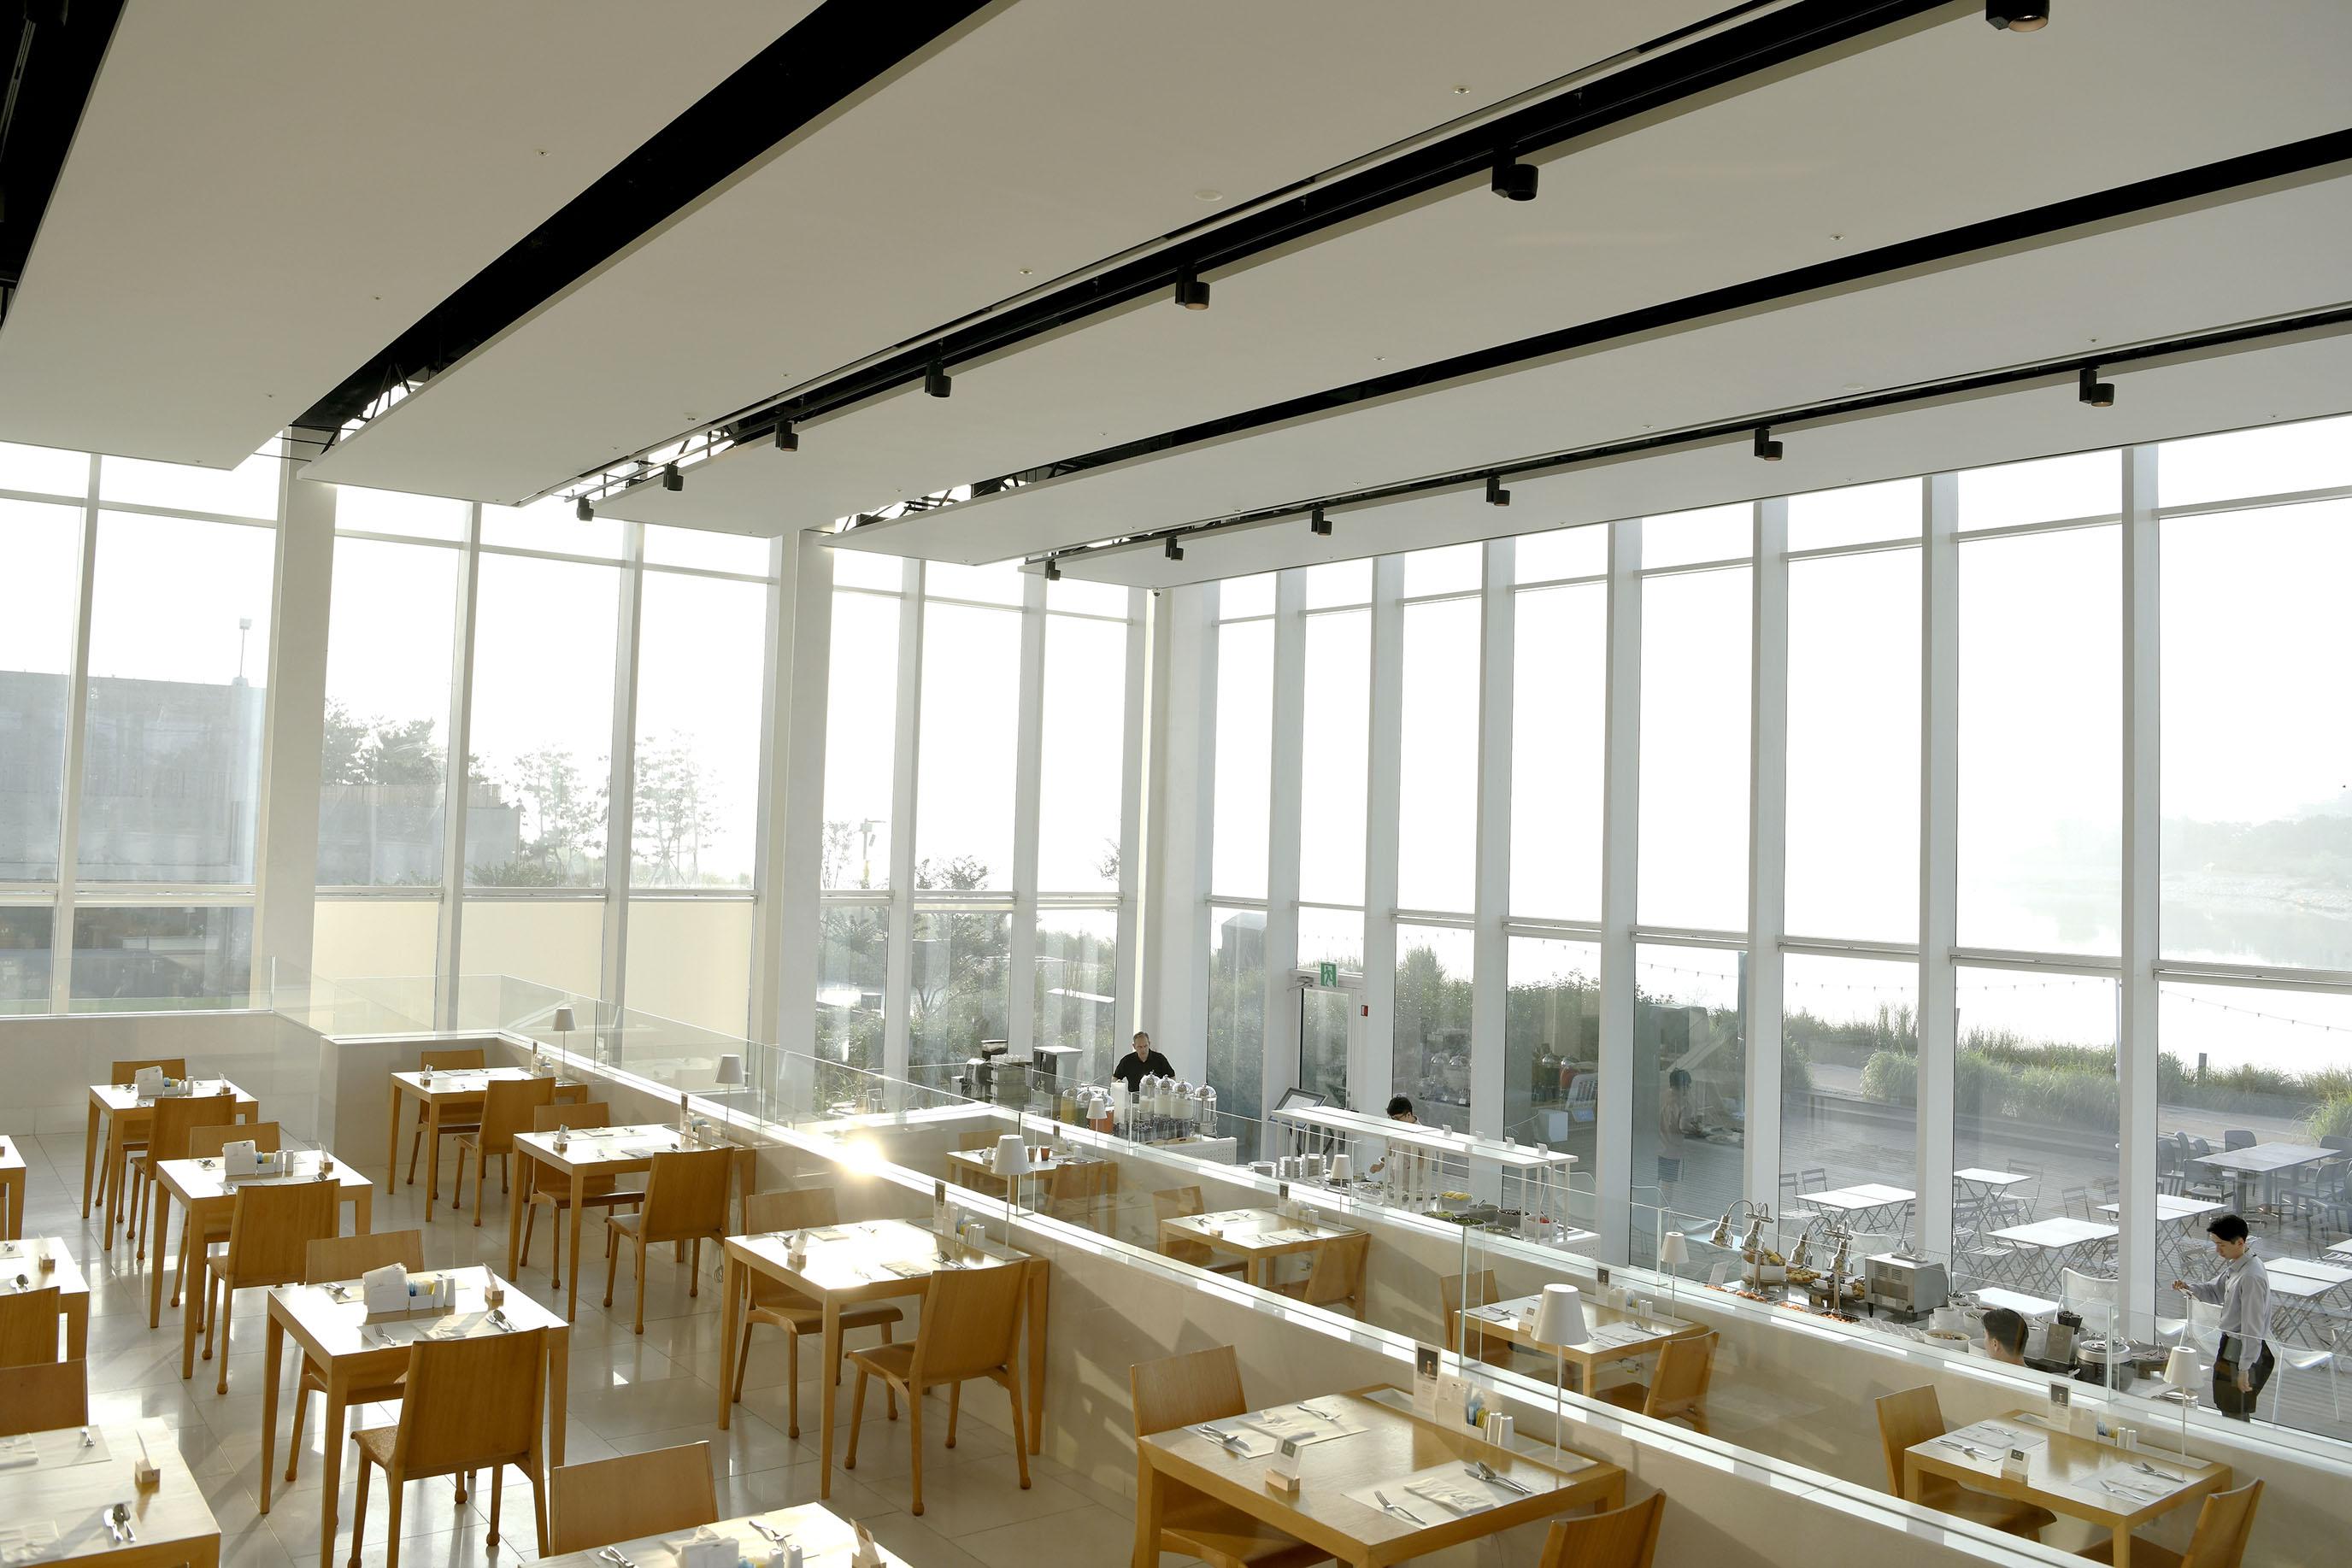 網站近期文章:午前班機不再睡眼惺忪,享受與陽光為伍的玻璃屋早餐|仁川鳥巢飯店 nest hotel incheon